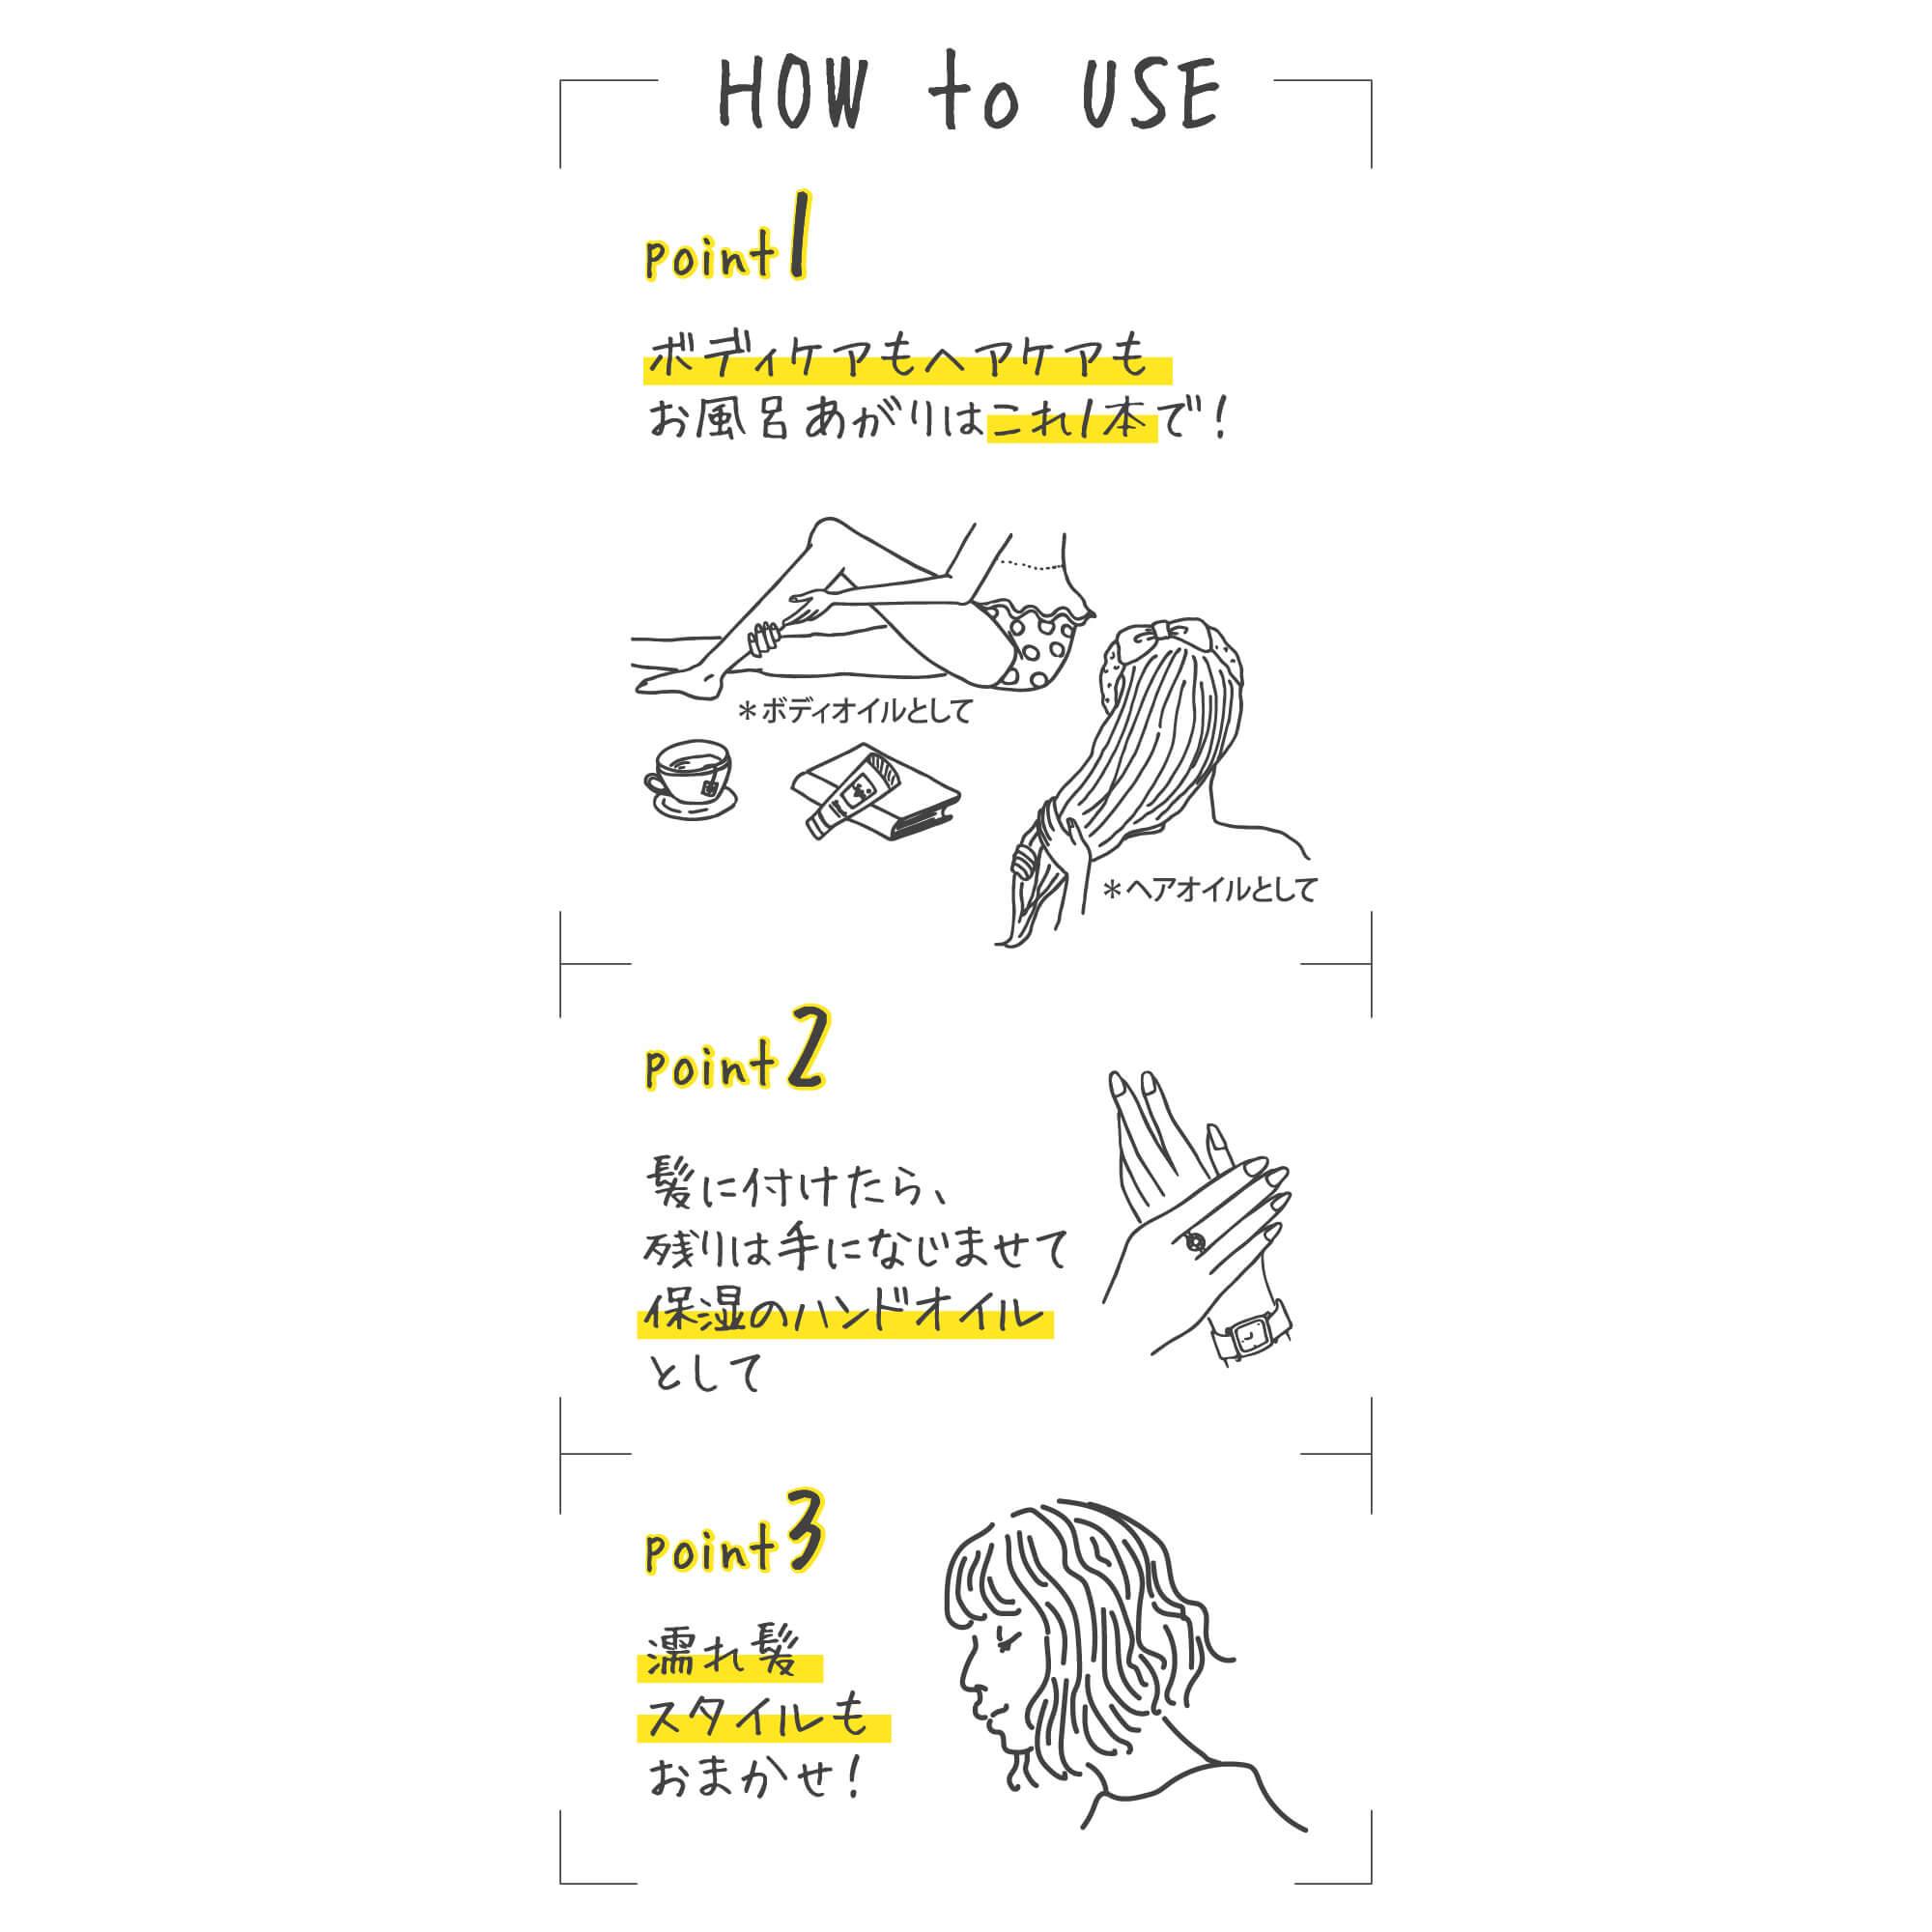 サインシステミックオイルの使い方を描いたイラスト